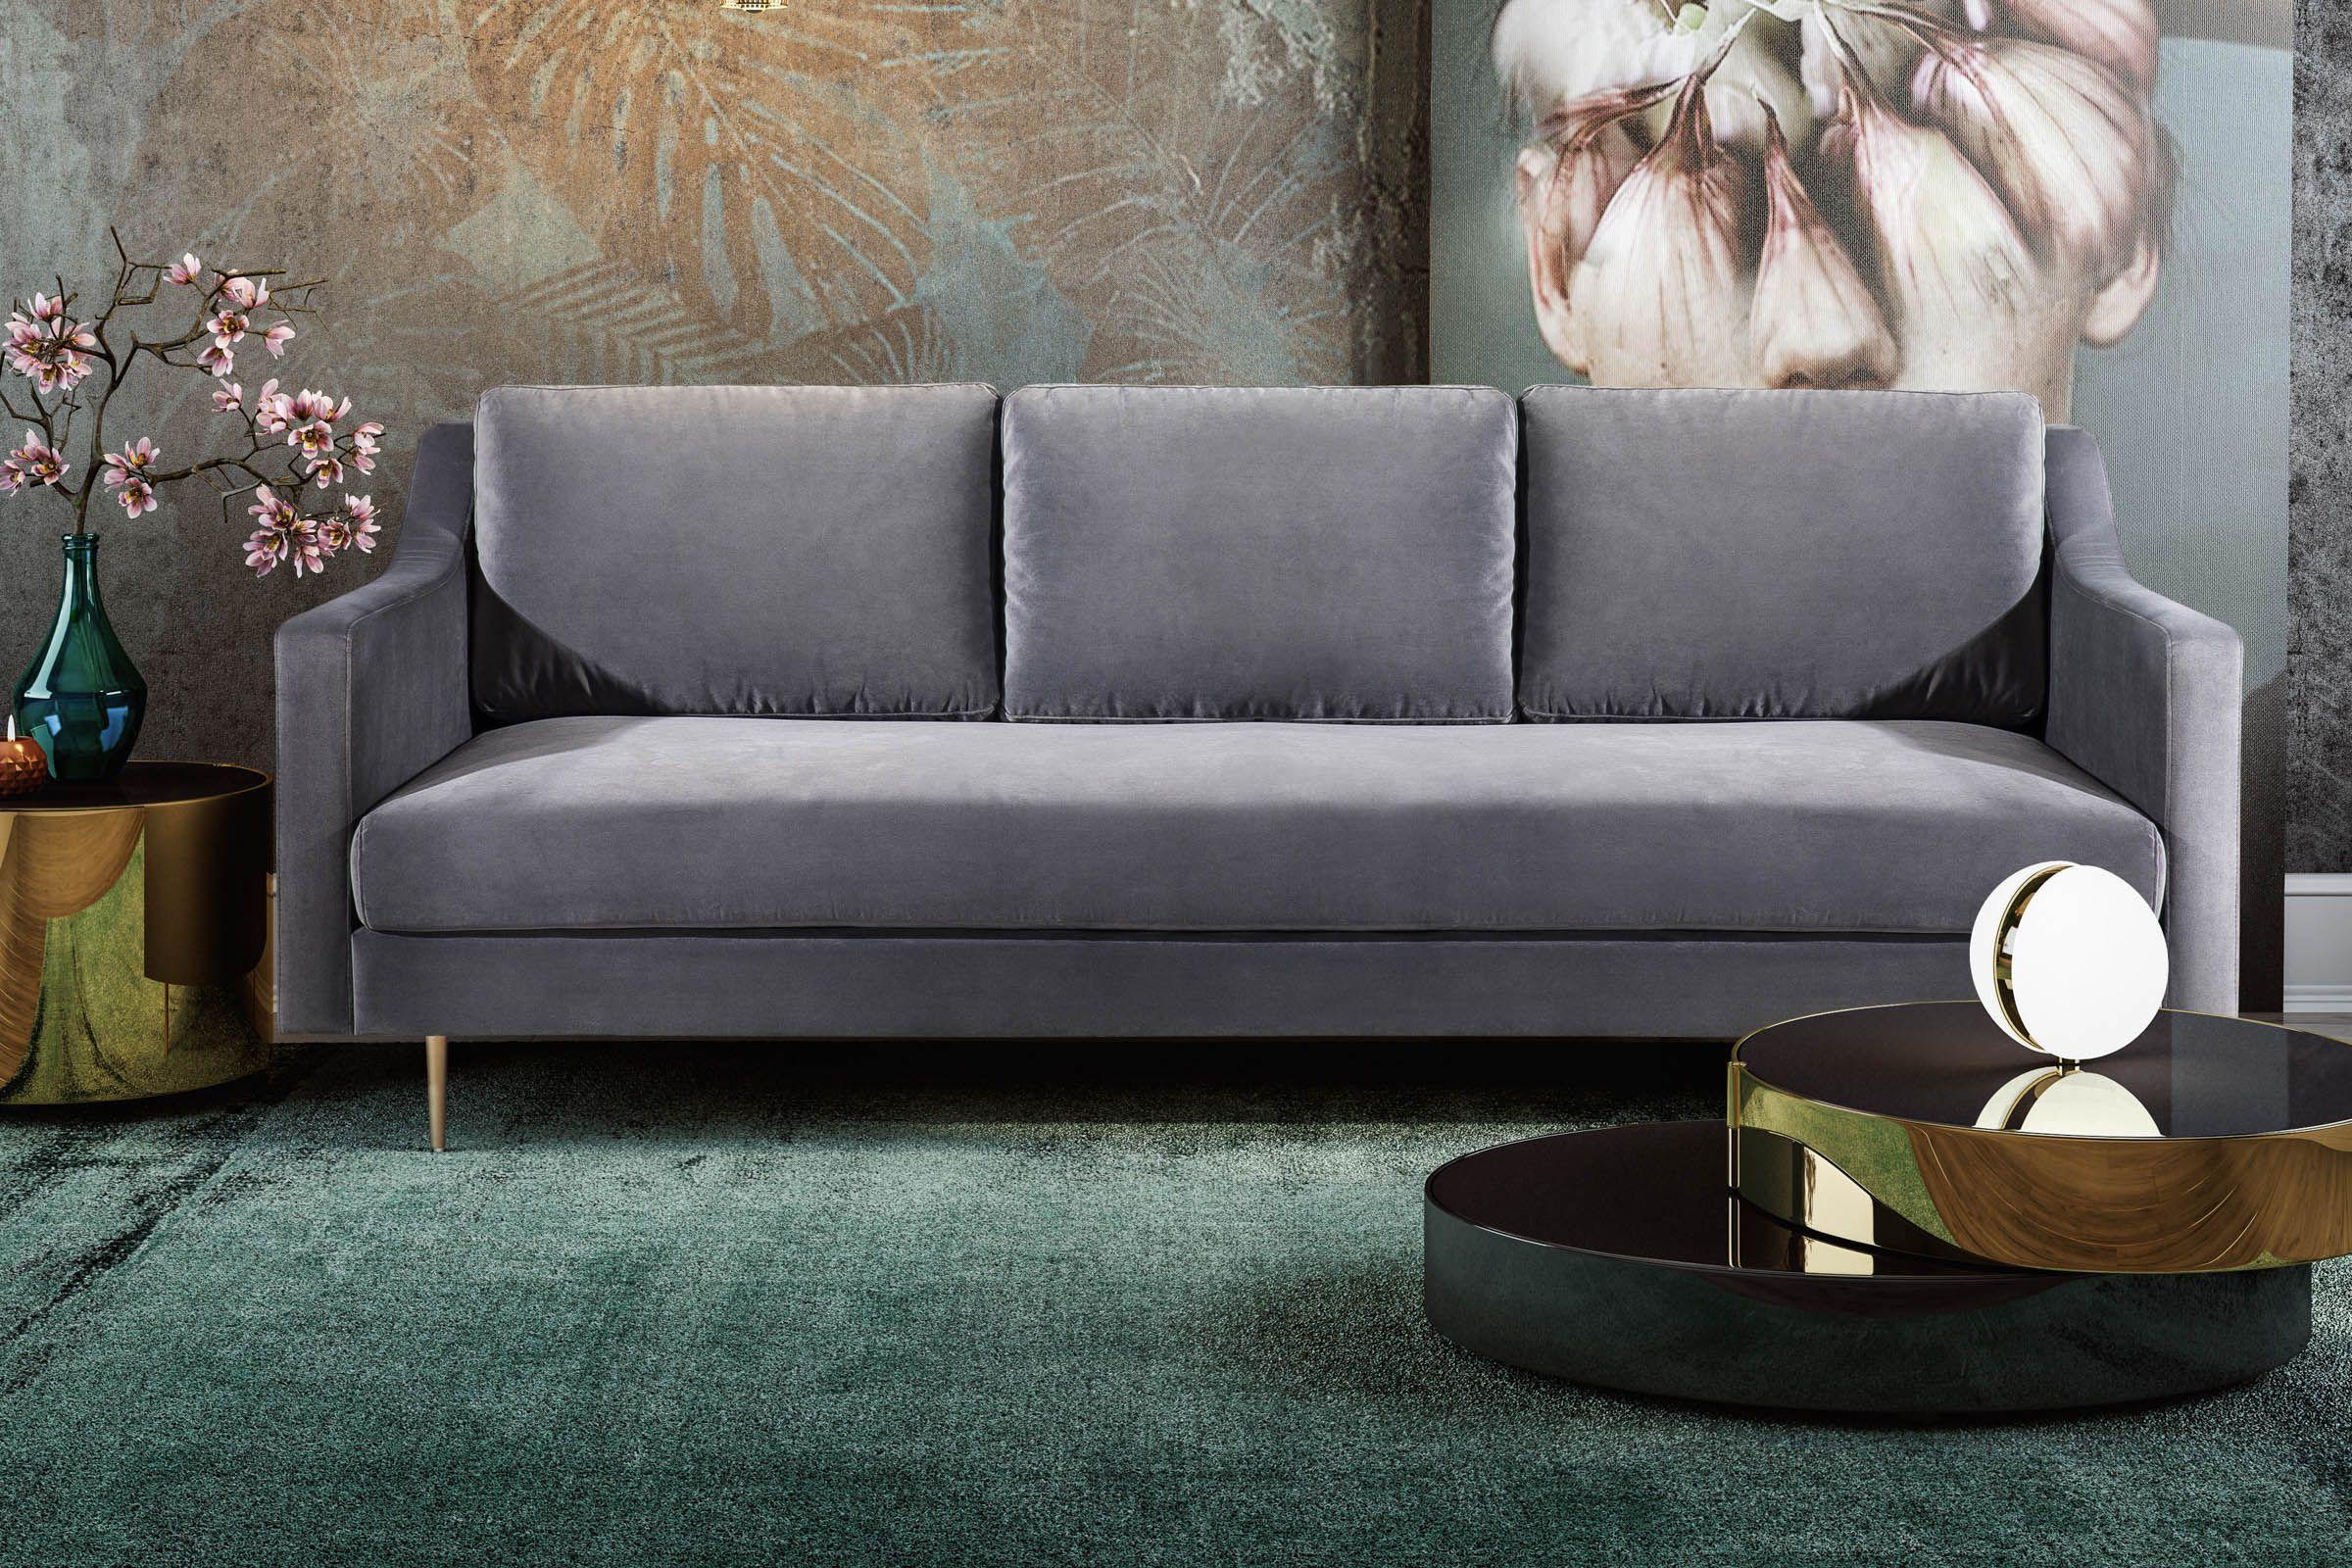 Milan Grey Velvet Sofa By Tov In 2020 Velvet Sofa Grey Velvet Sofa Sofa